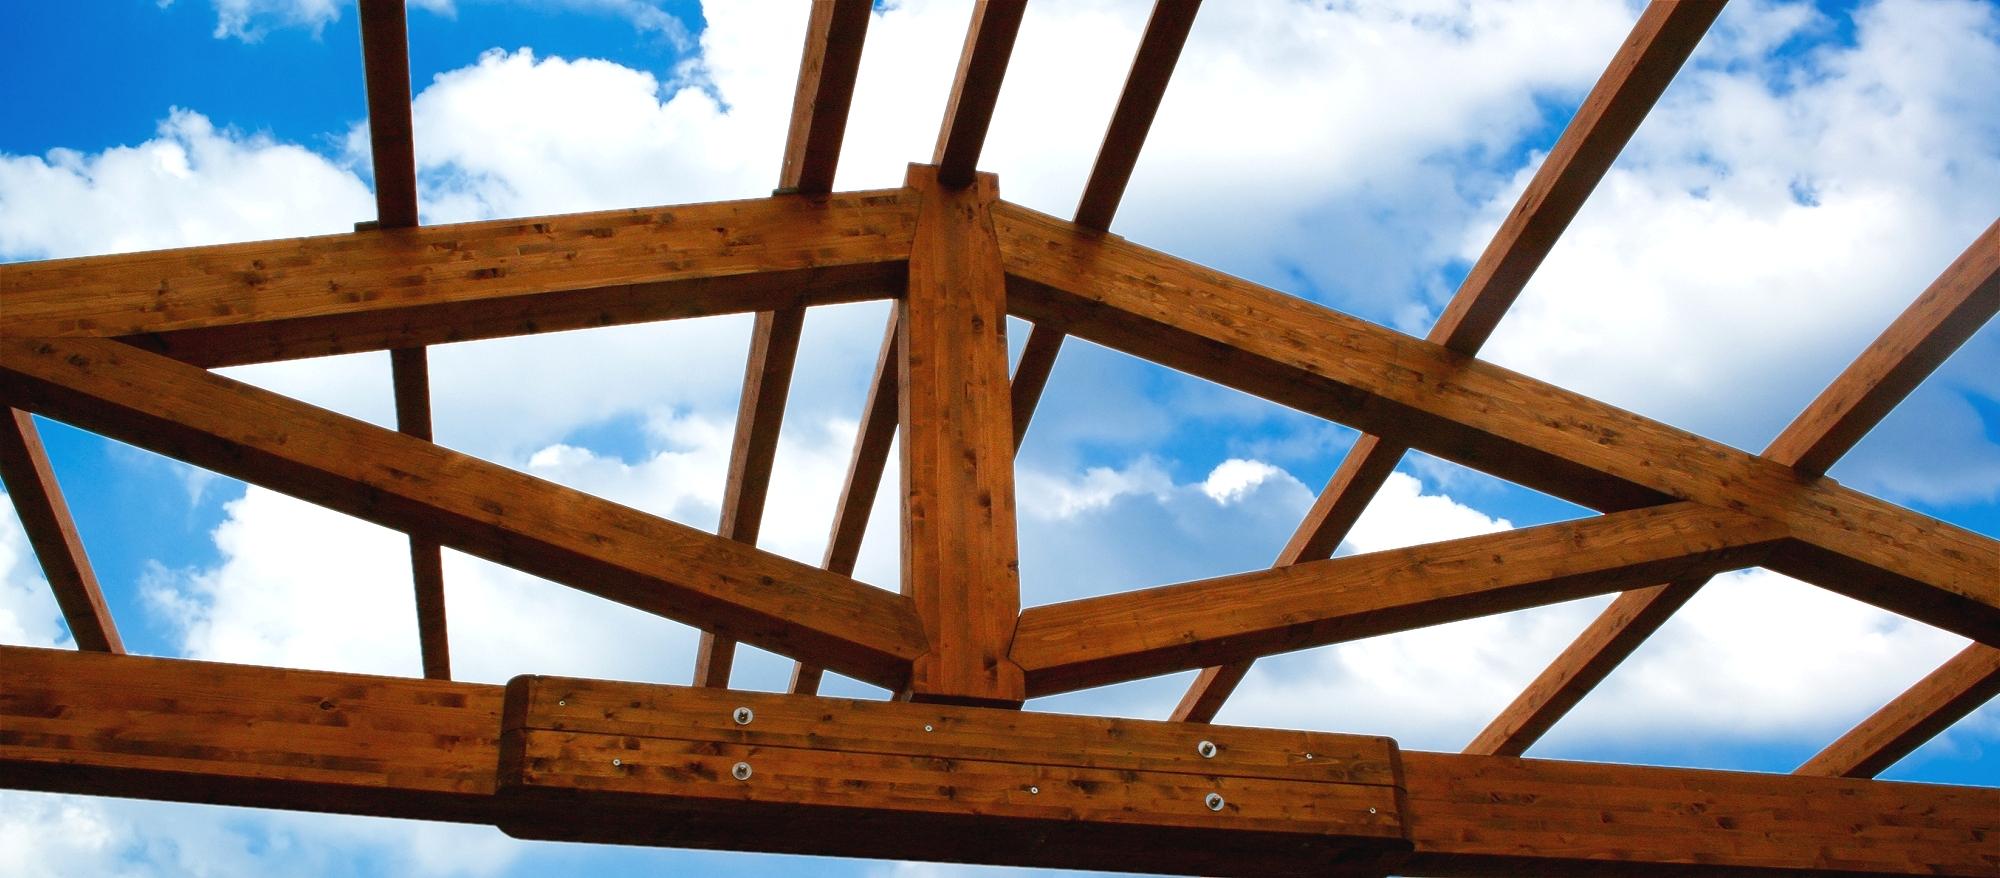 strutture e coperture in legno lamellare tetti in legno case e casette prefabbricate box auto ...